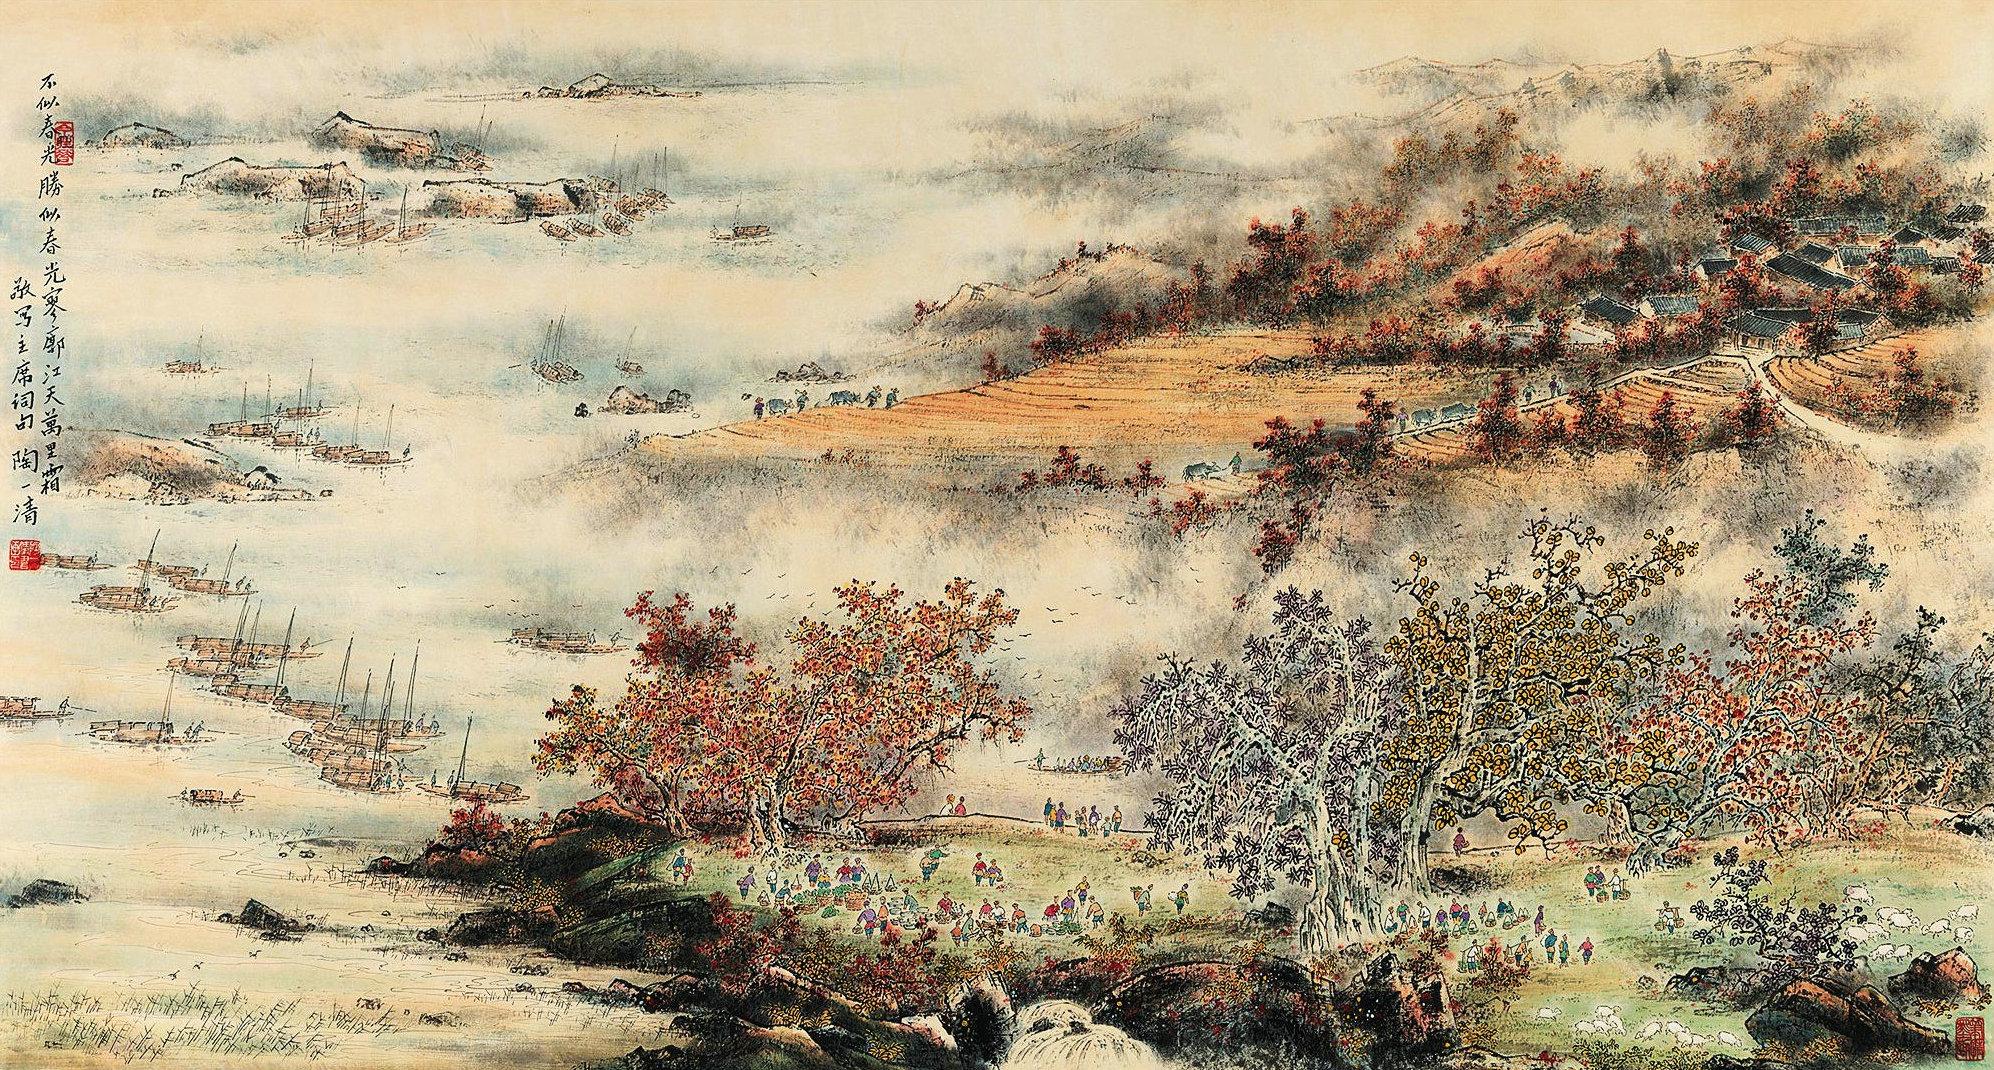 六十年代农村老年画,都是艺术品